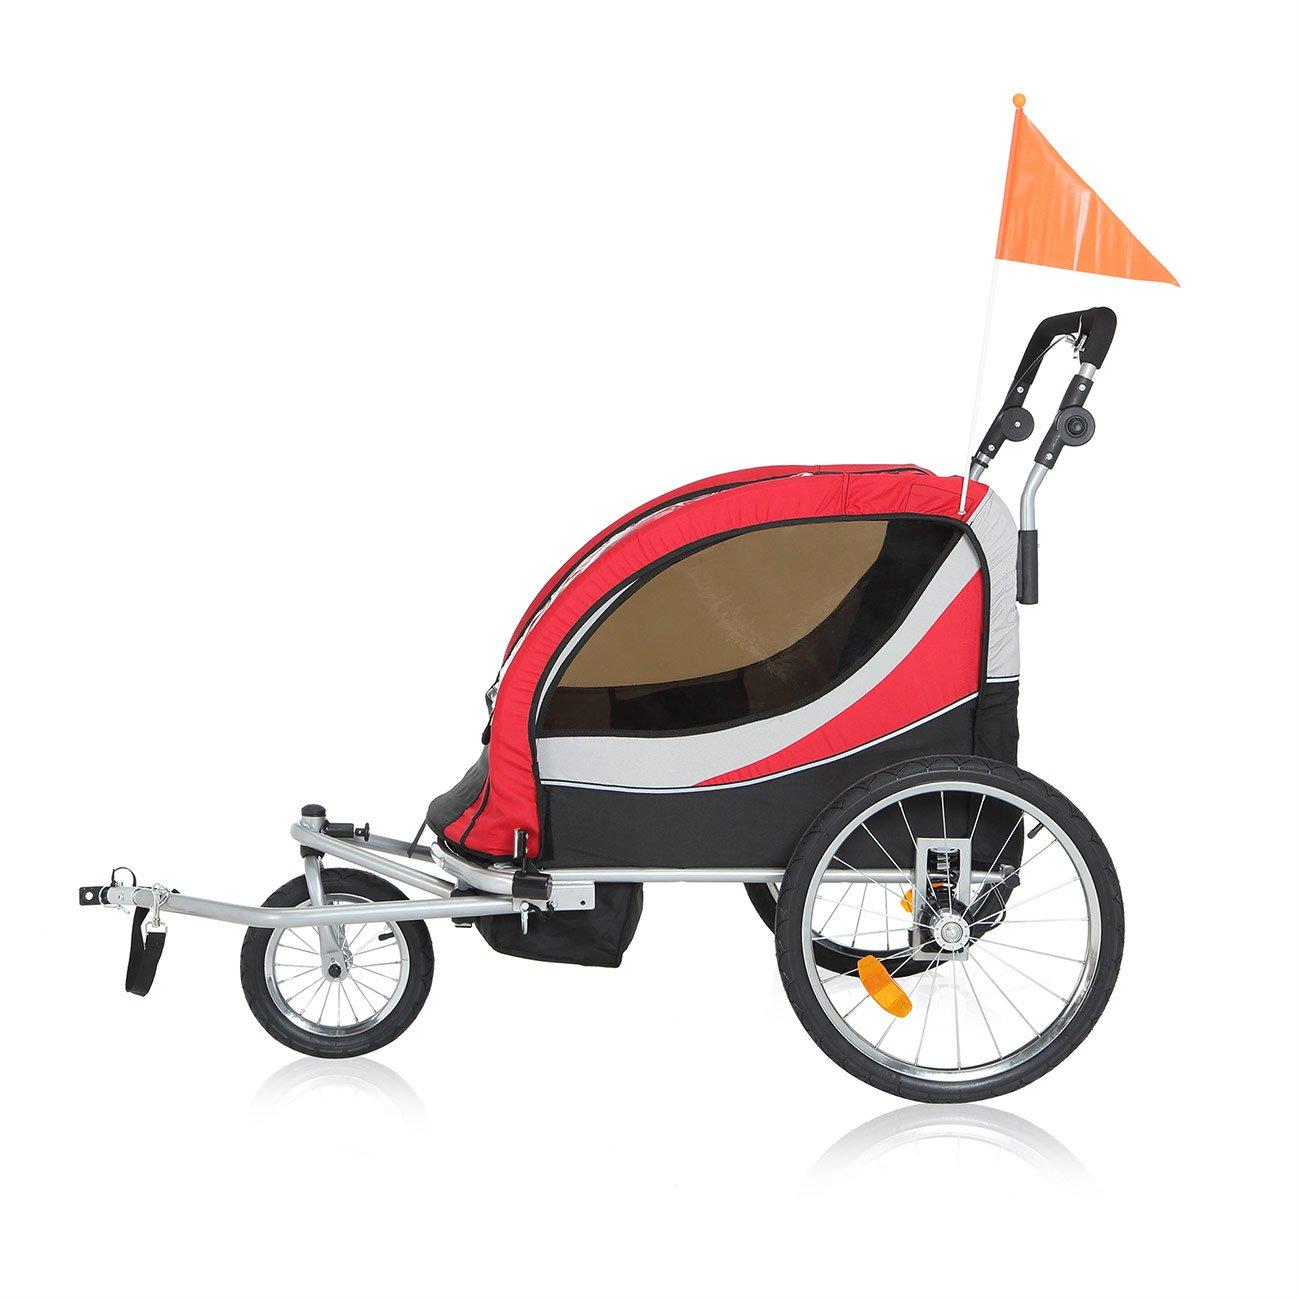 SAMAX PREMIUM Remolque de Bicicleta para Niños 360° girable Kit de Footing Transportín Silla Cochecito Carro Suspensíon Infantil Carro in Rojo/Gris - Silver ...